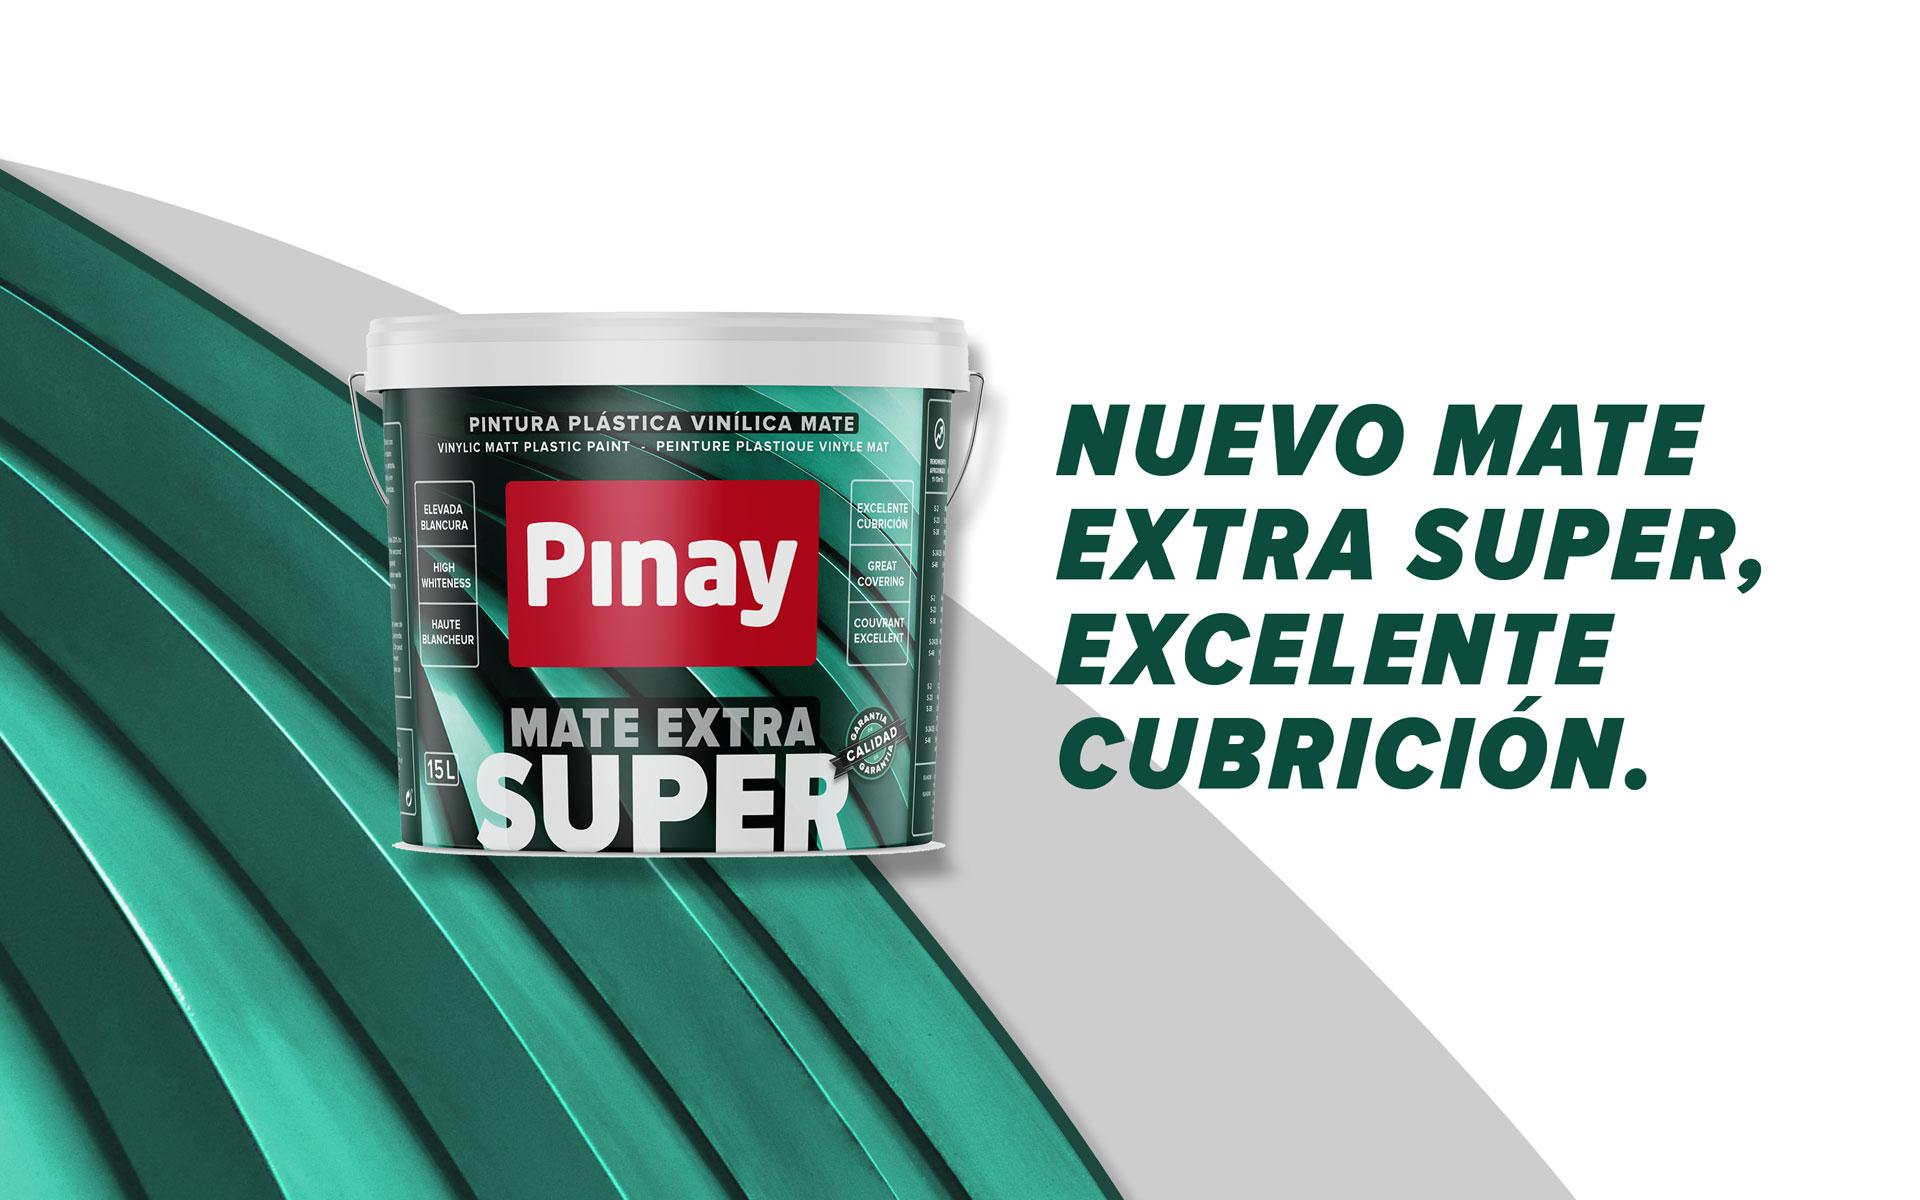 Extra Super